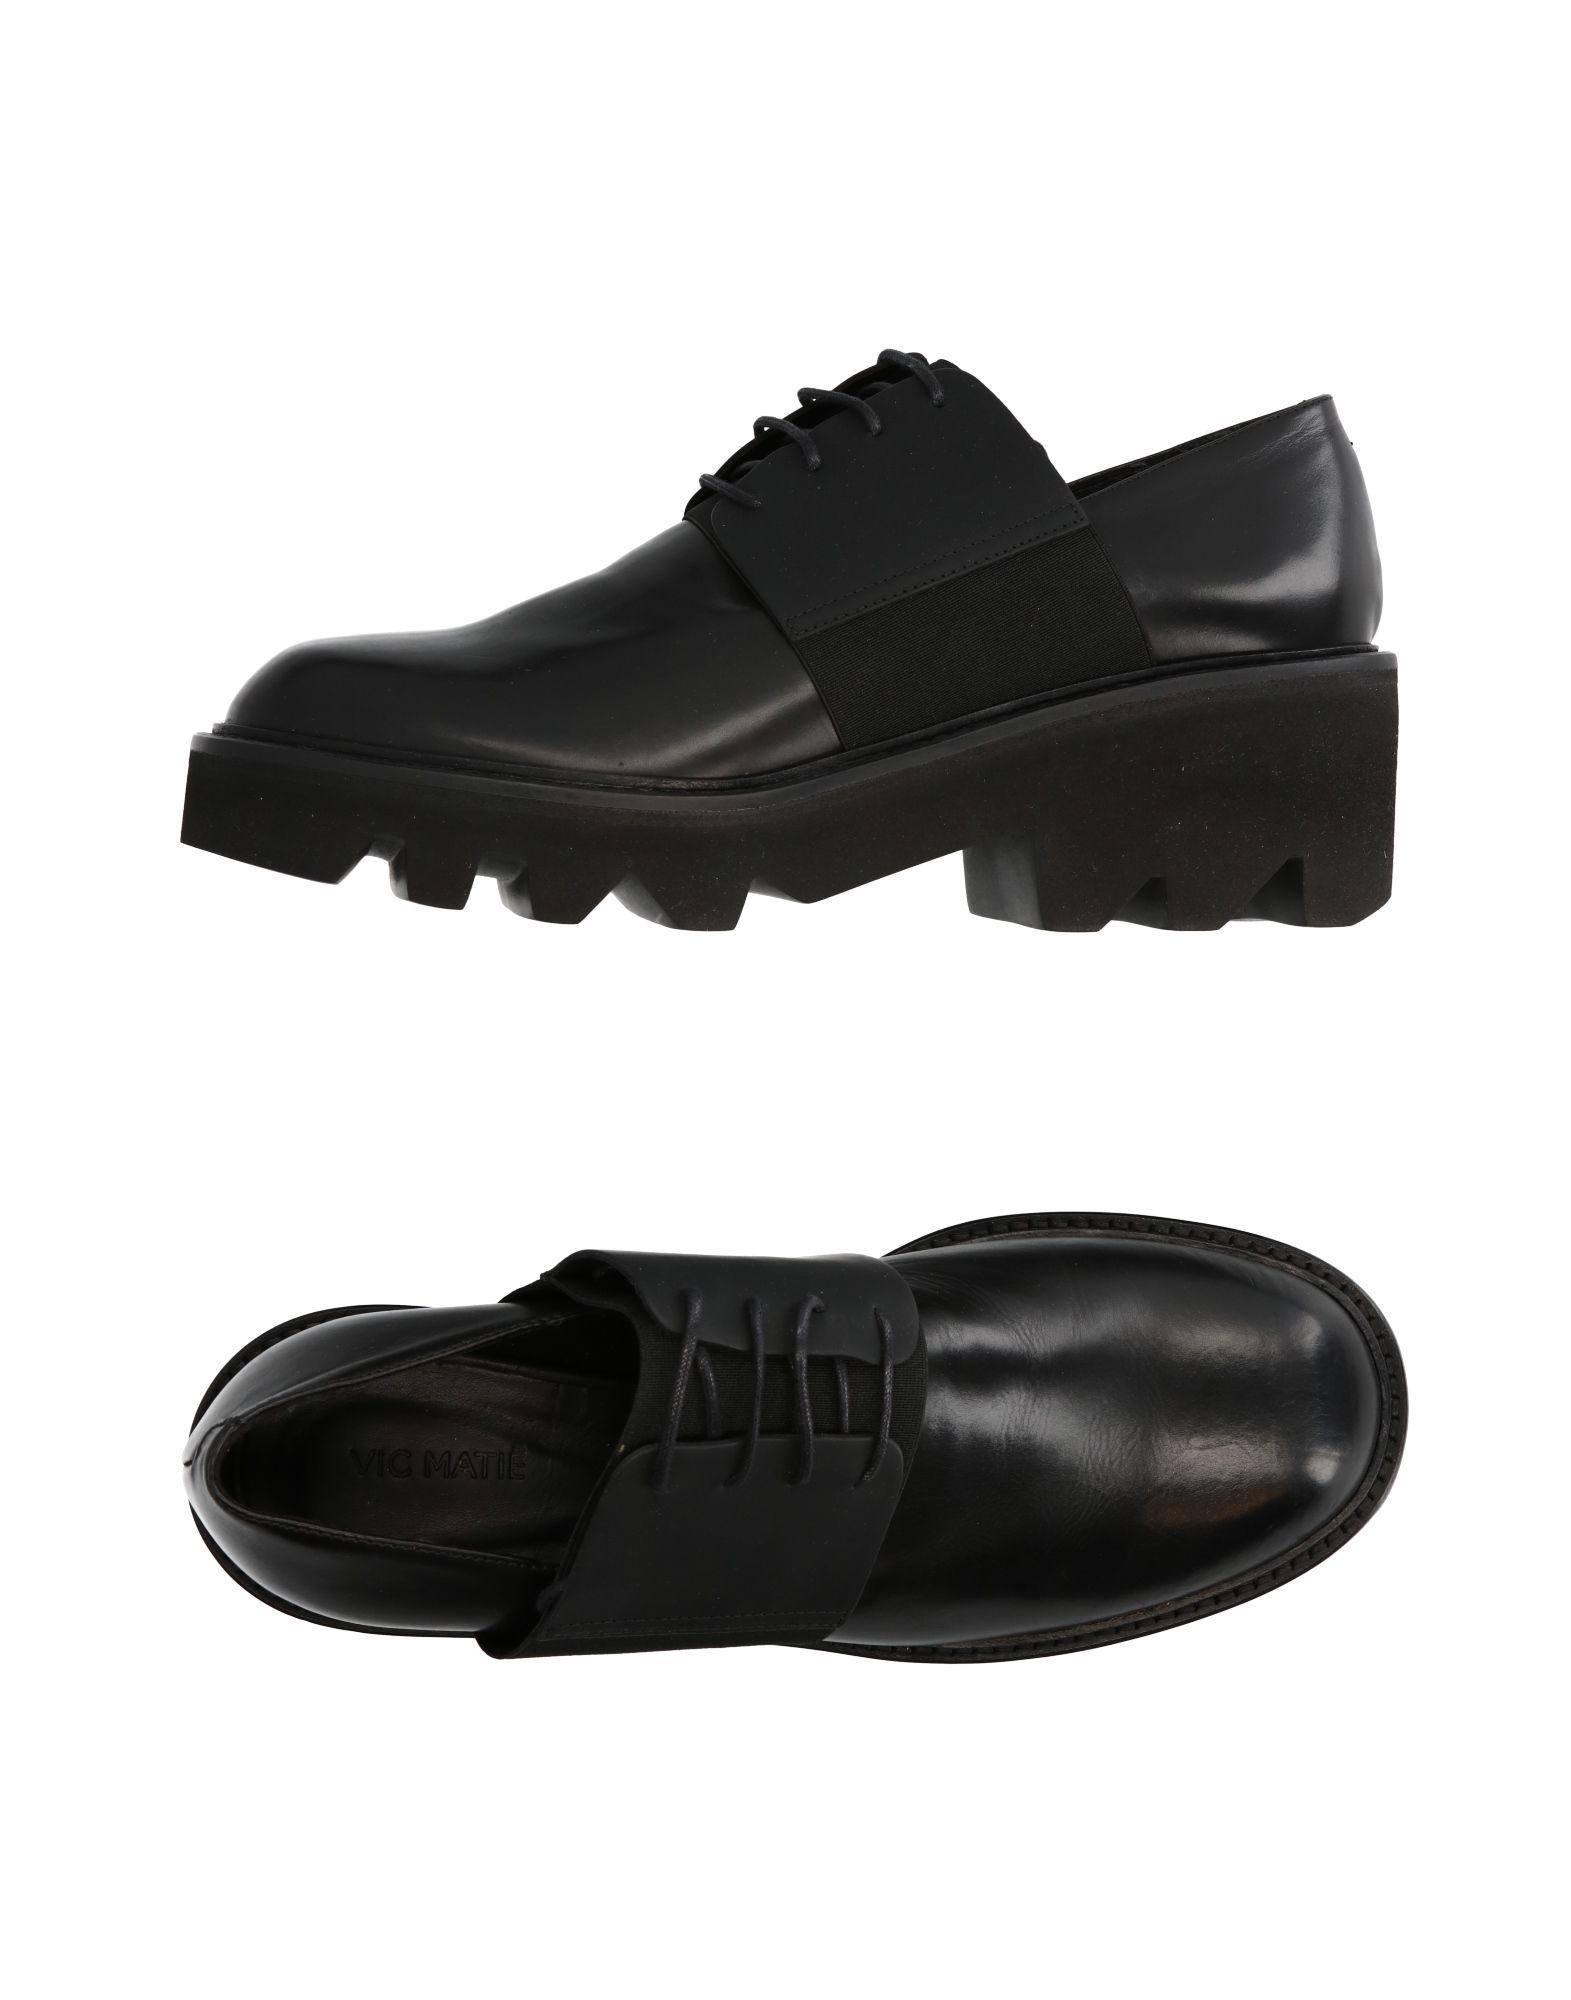 Sneakers Nike Uomo - 11329759WX Scarpe economiche e buone